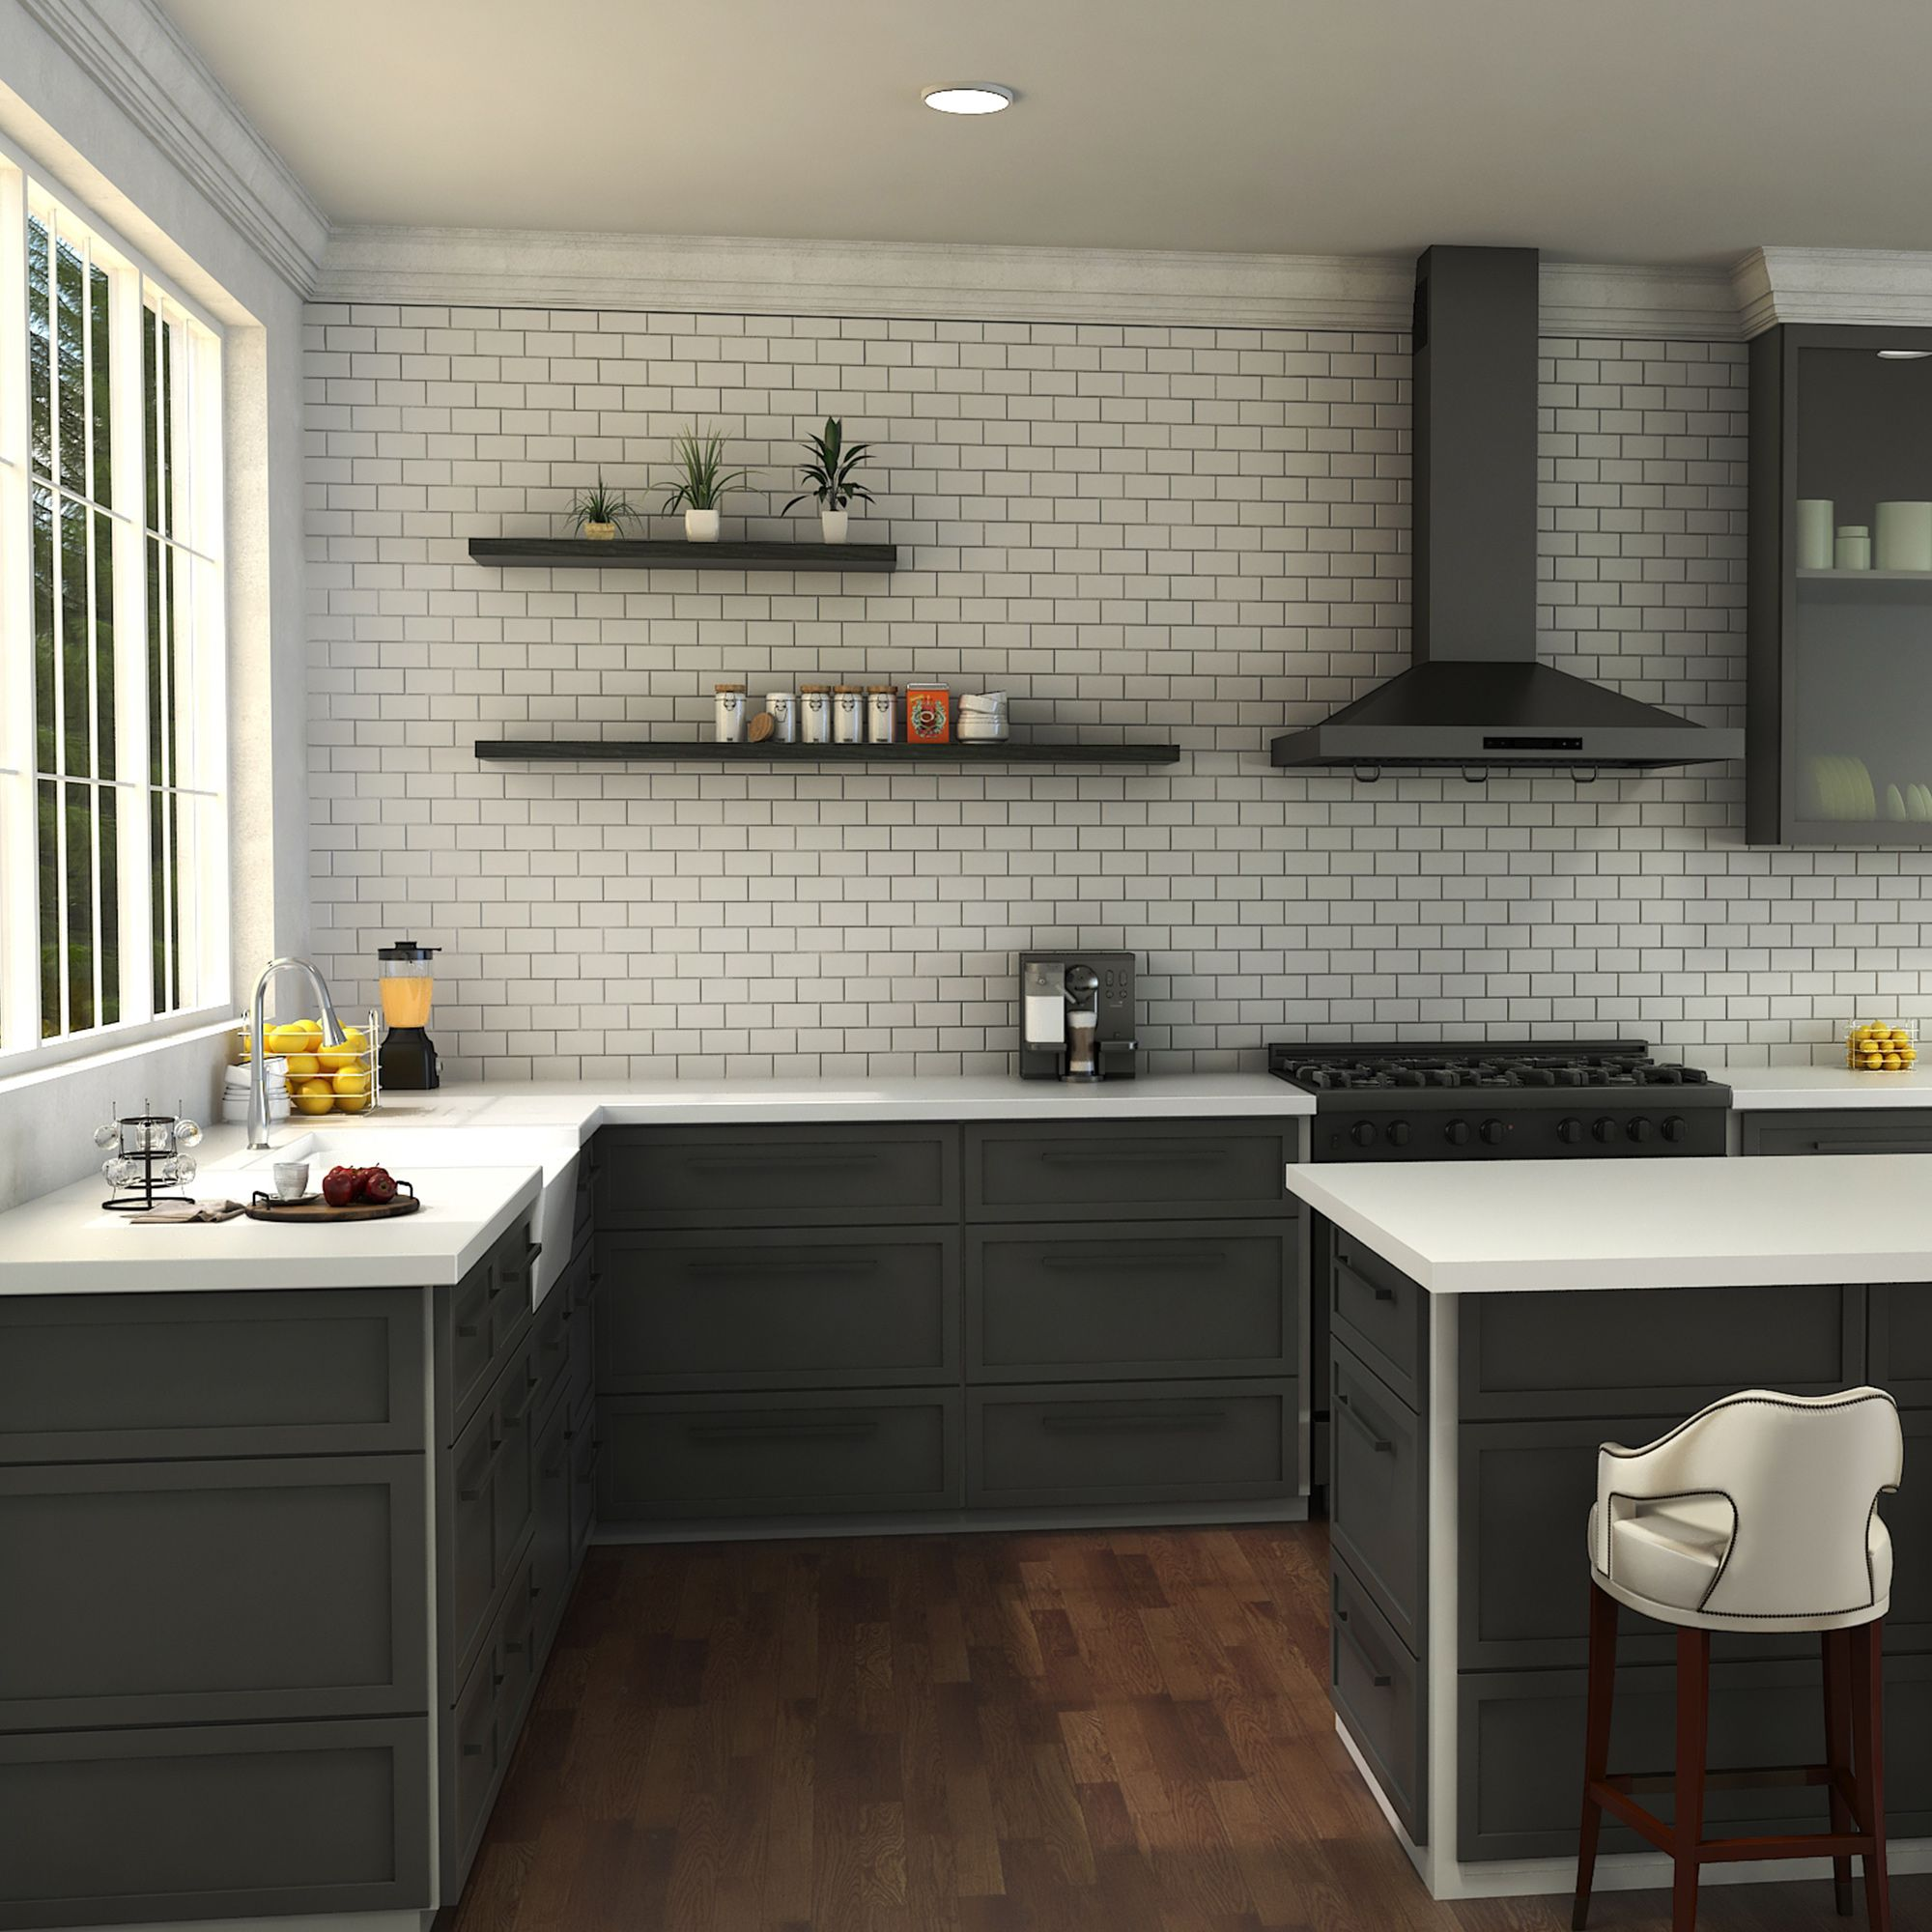 Zline Castor Kitchen Faucet In Chrome Cas Kf Ch Kitchen Faucet Kitchen Faucet Design Kitchen